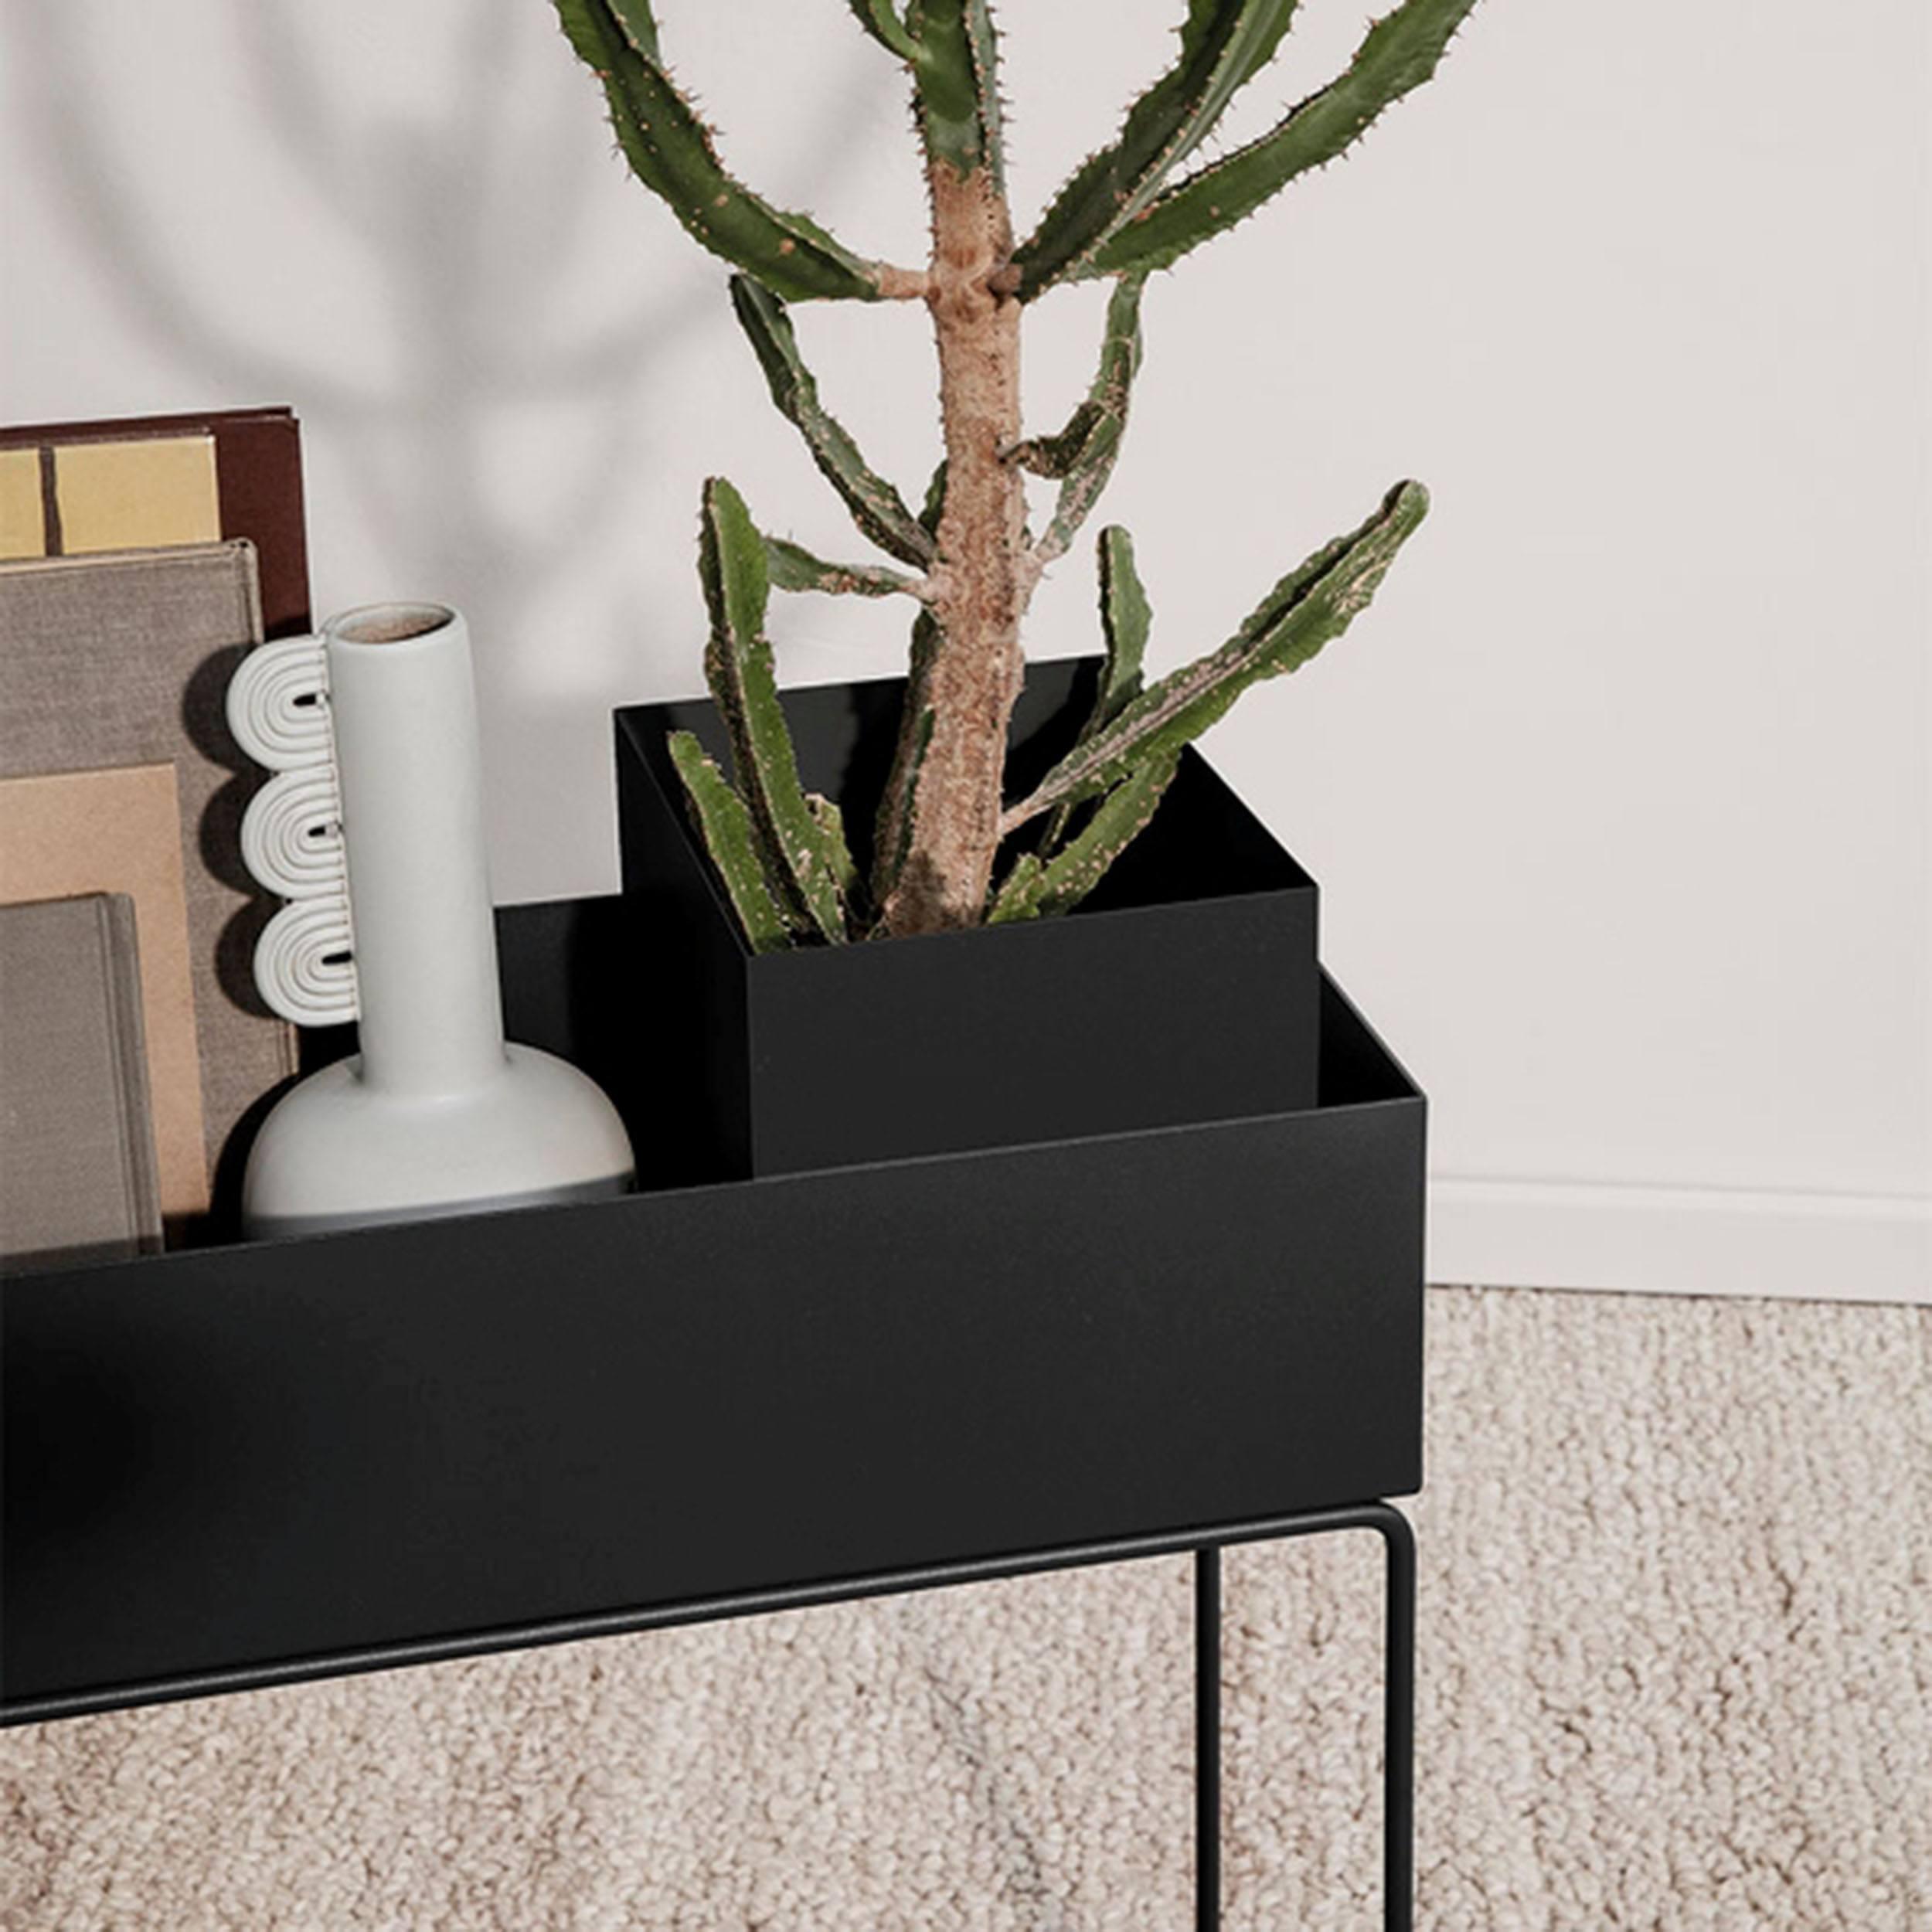 Plant Box Pot Blumentopf